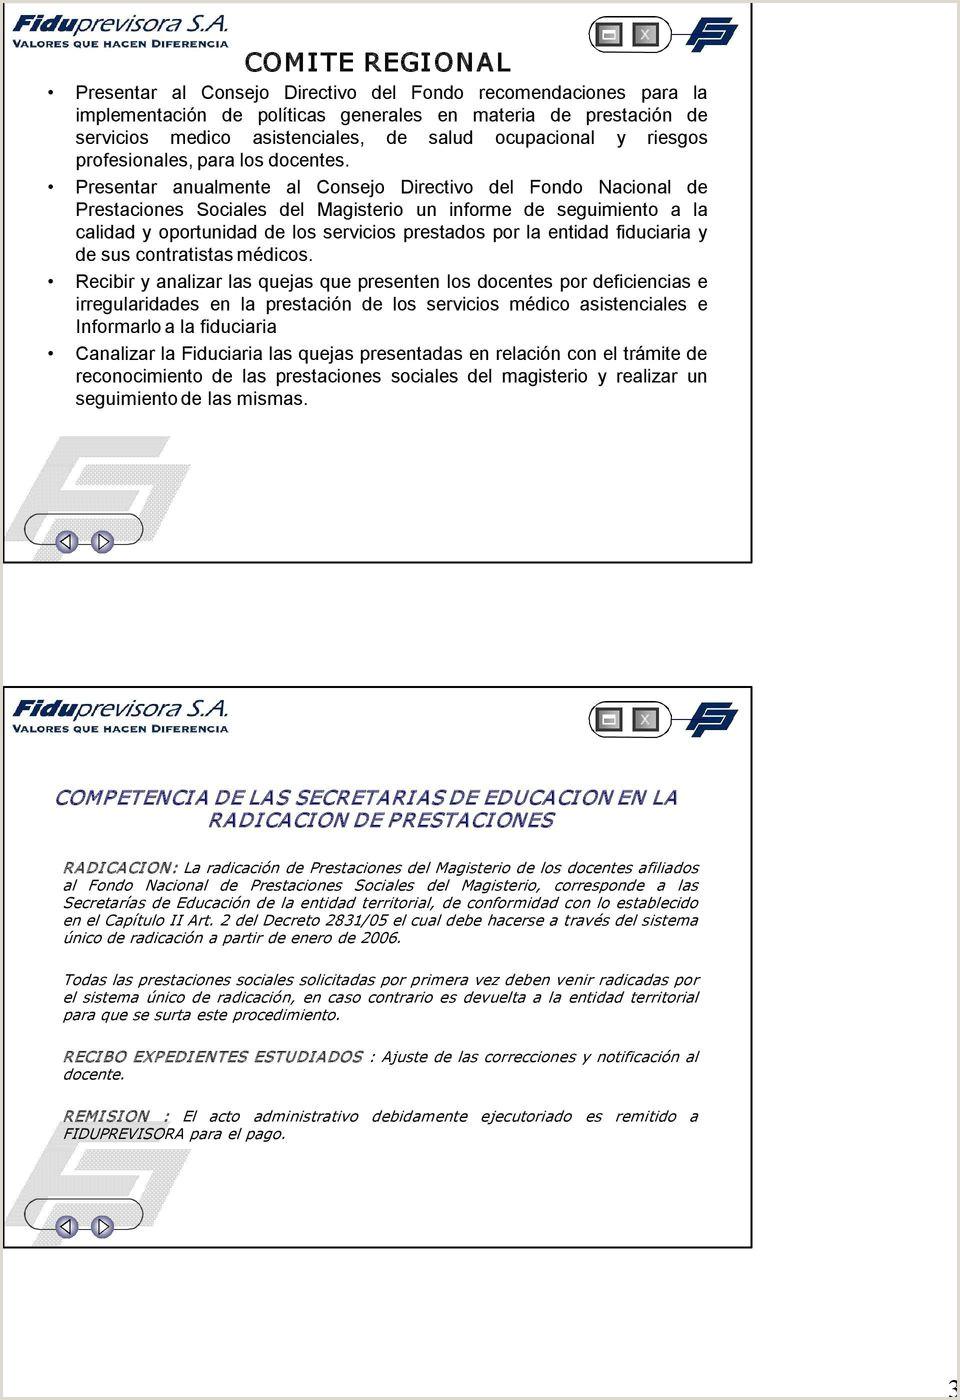 Formato Unico Hoja De Vida Fiduprevisora Fondo Nacional De P Restaciones sociales Del Magisterio Fnp